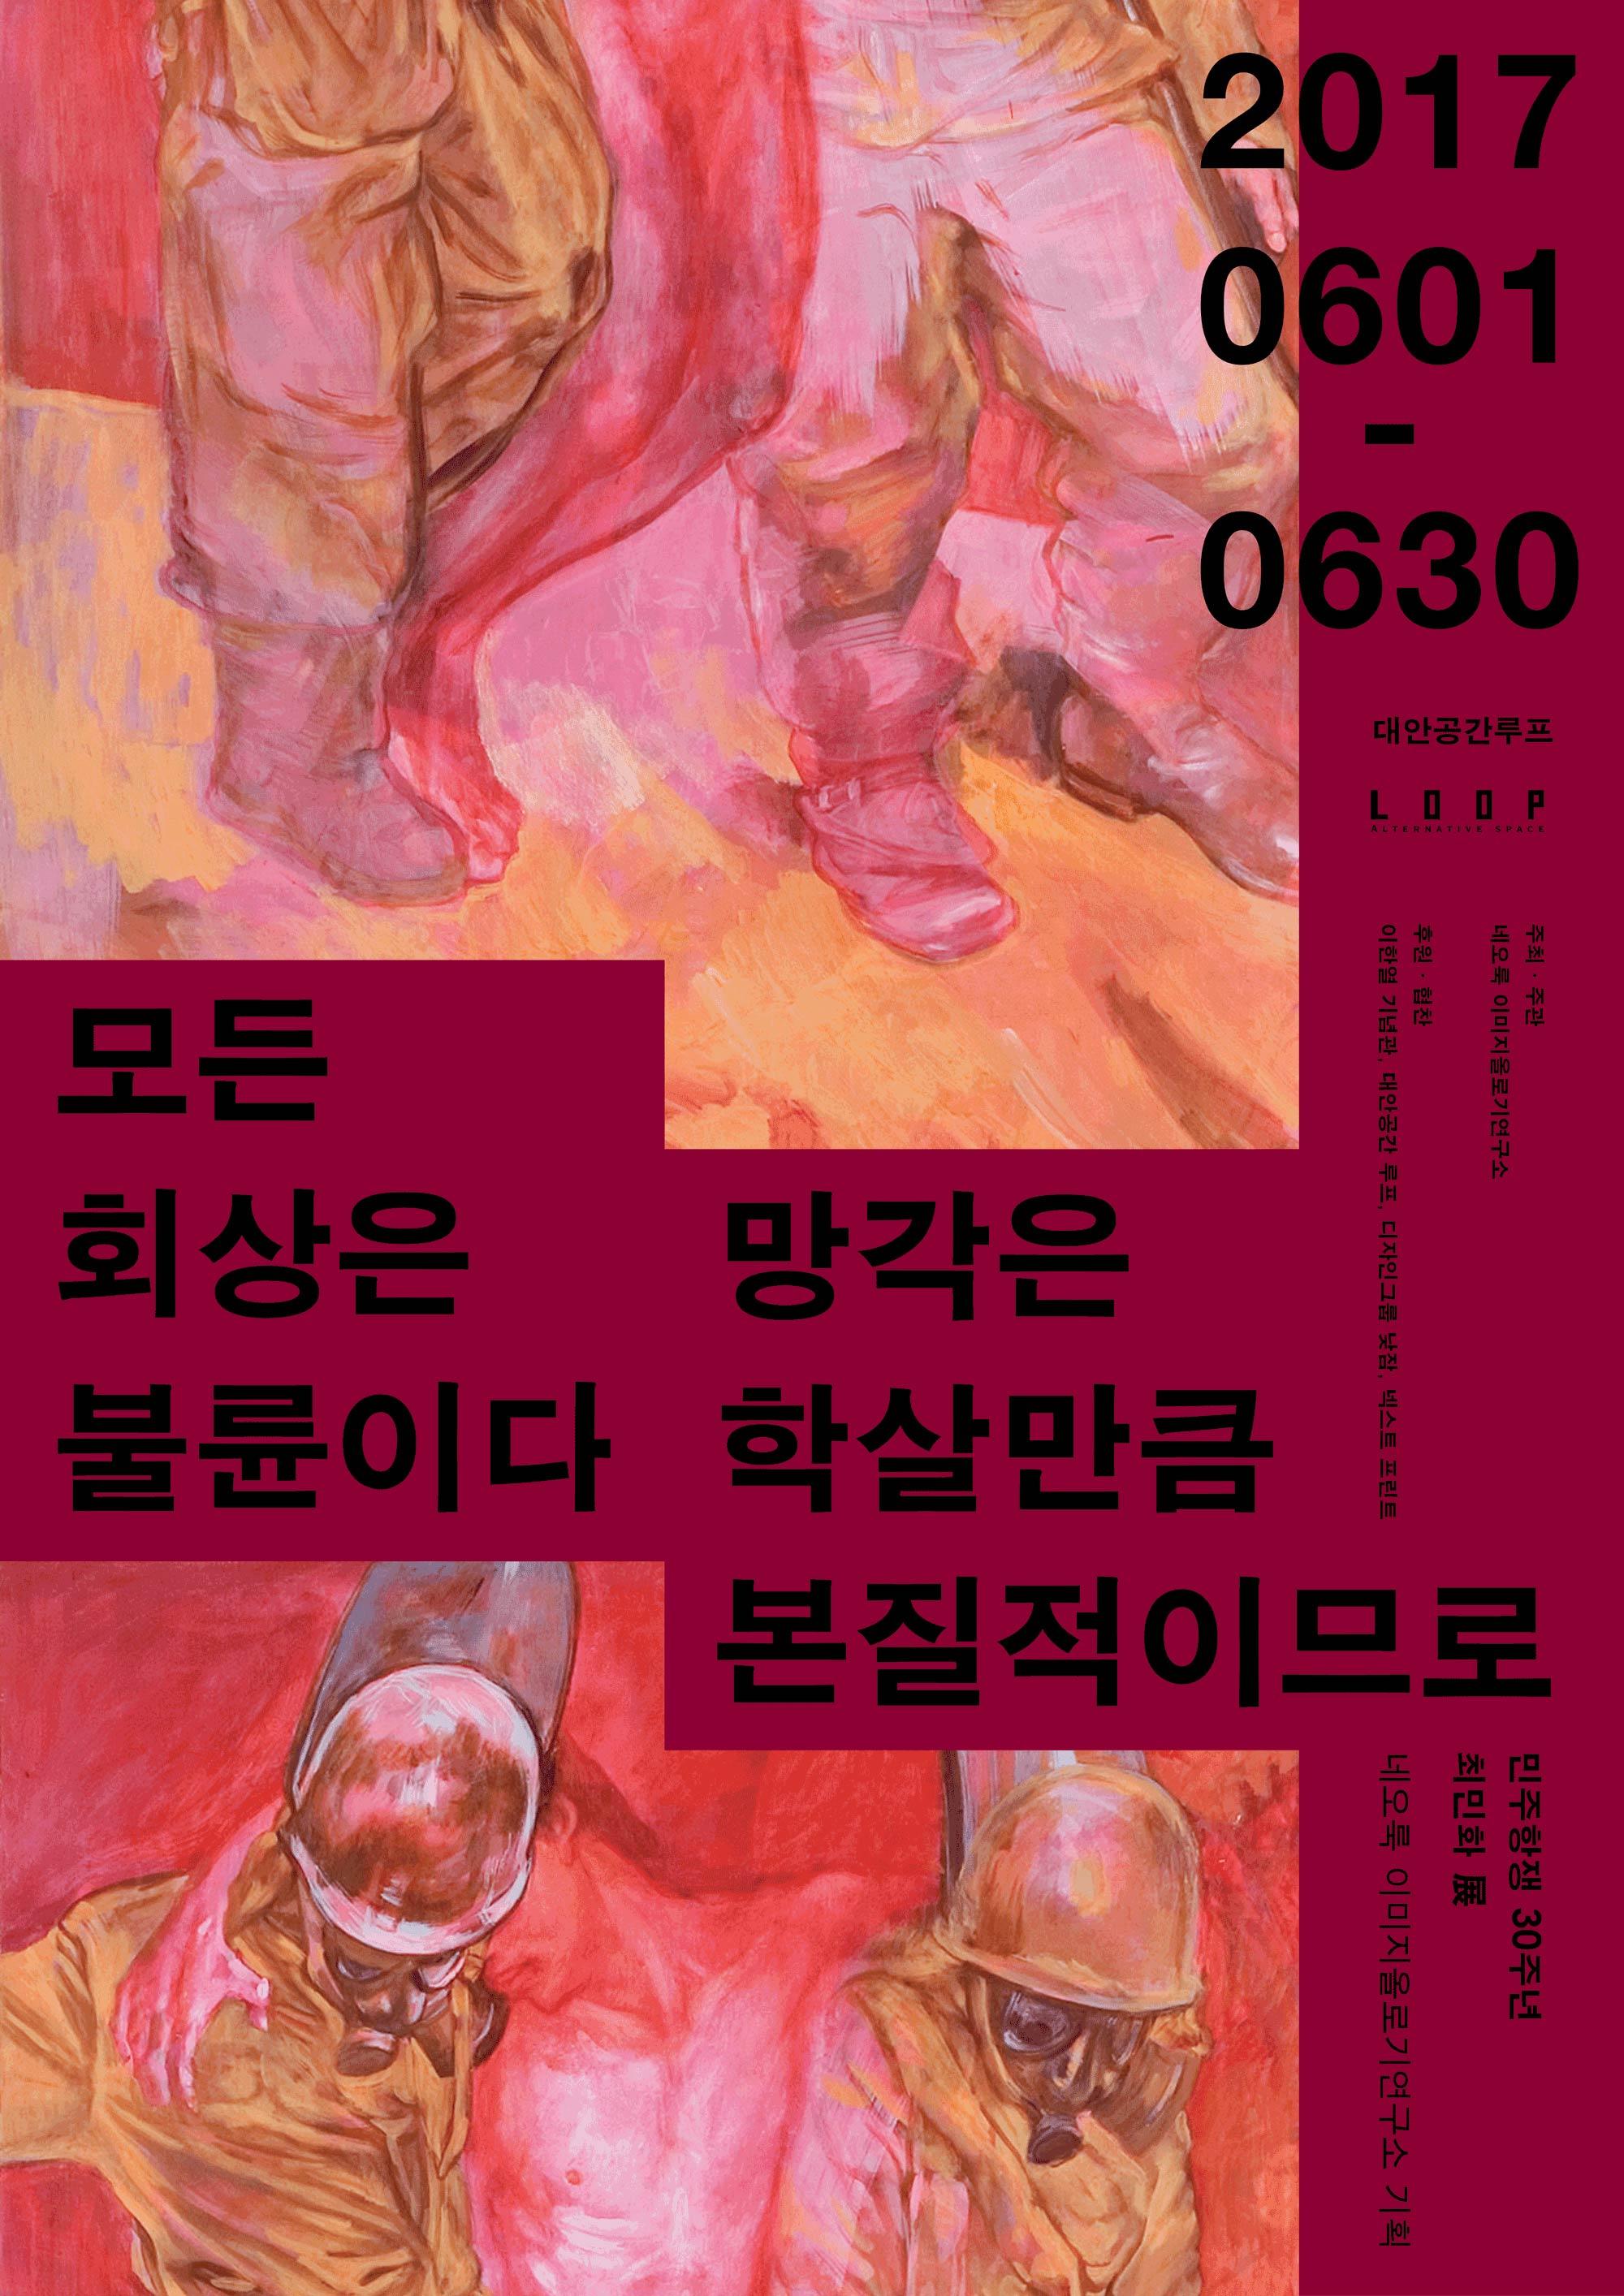 Min Hwa Choi Solo Exhibition